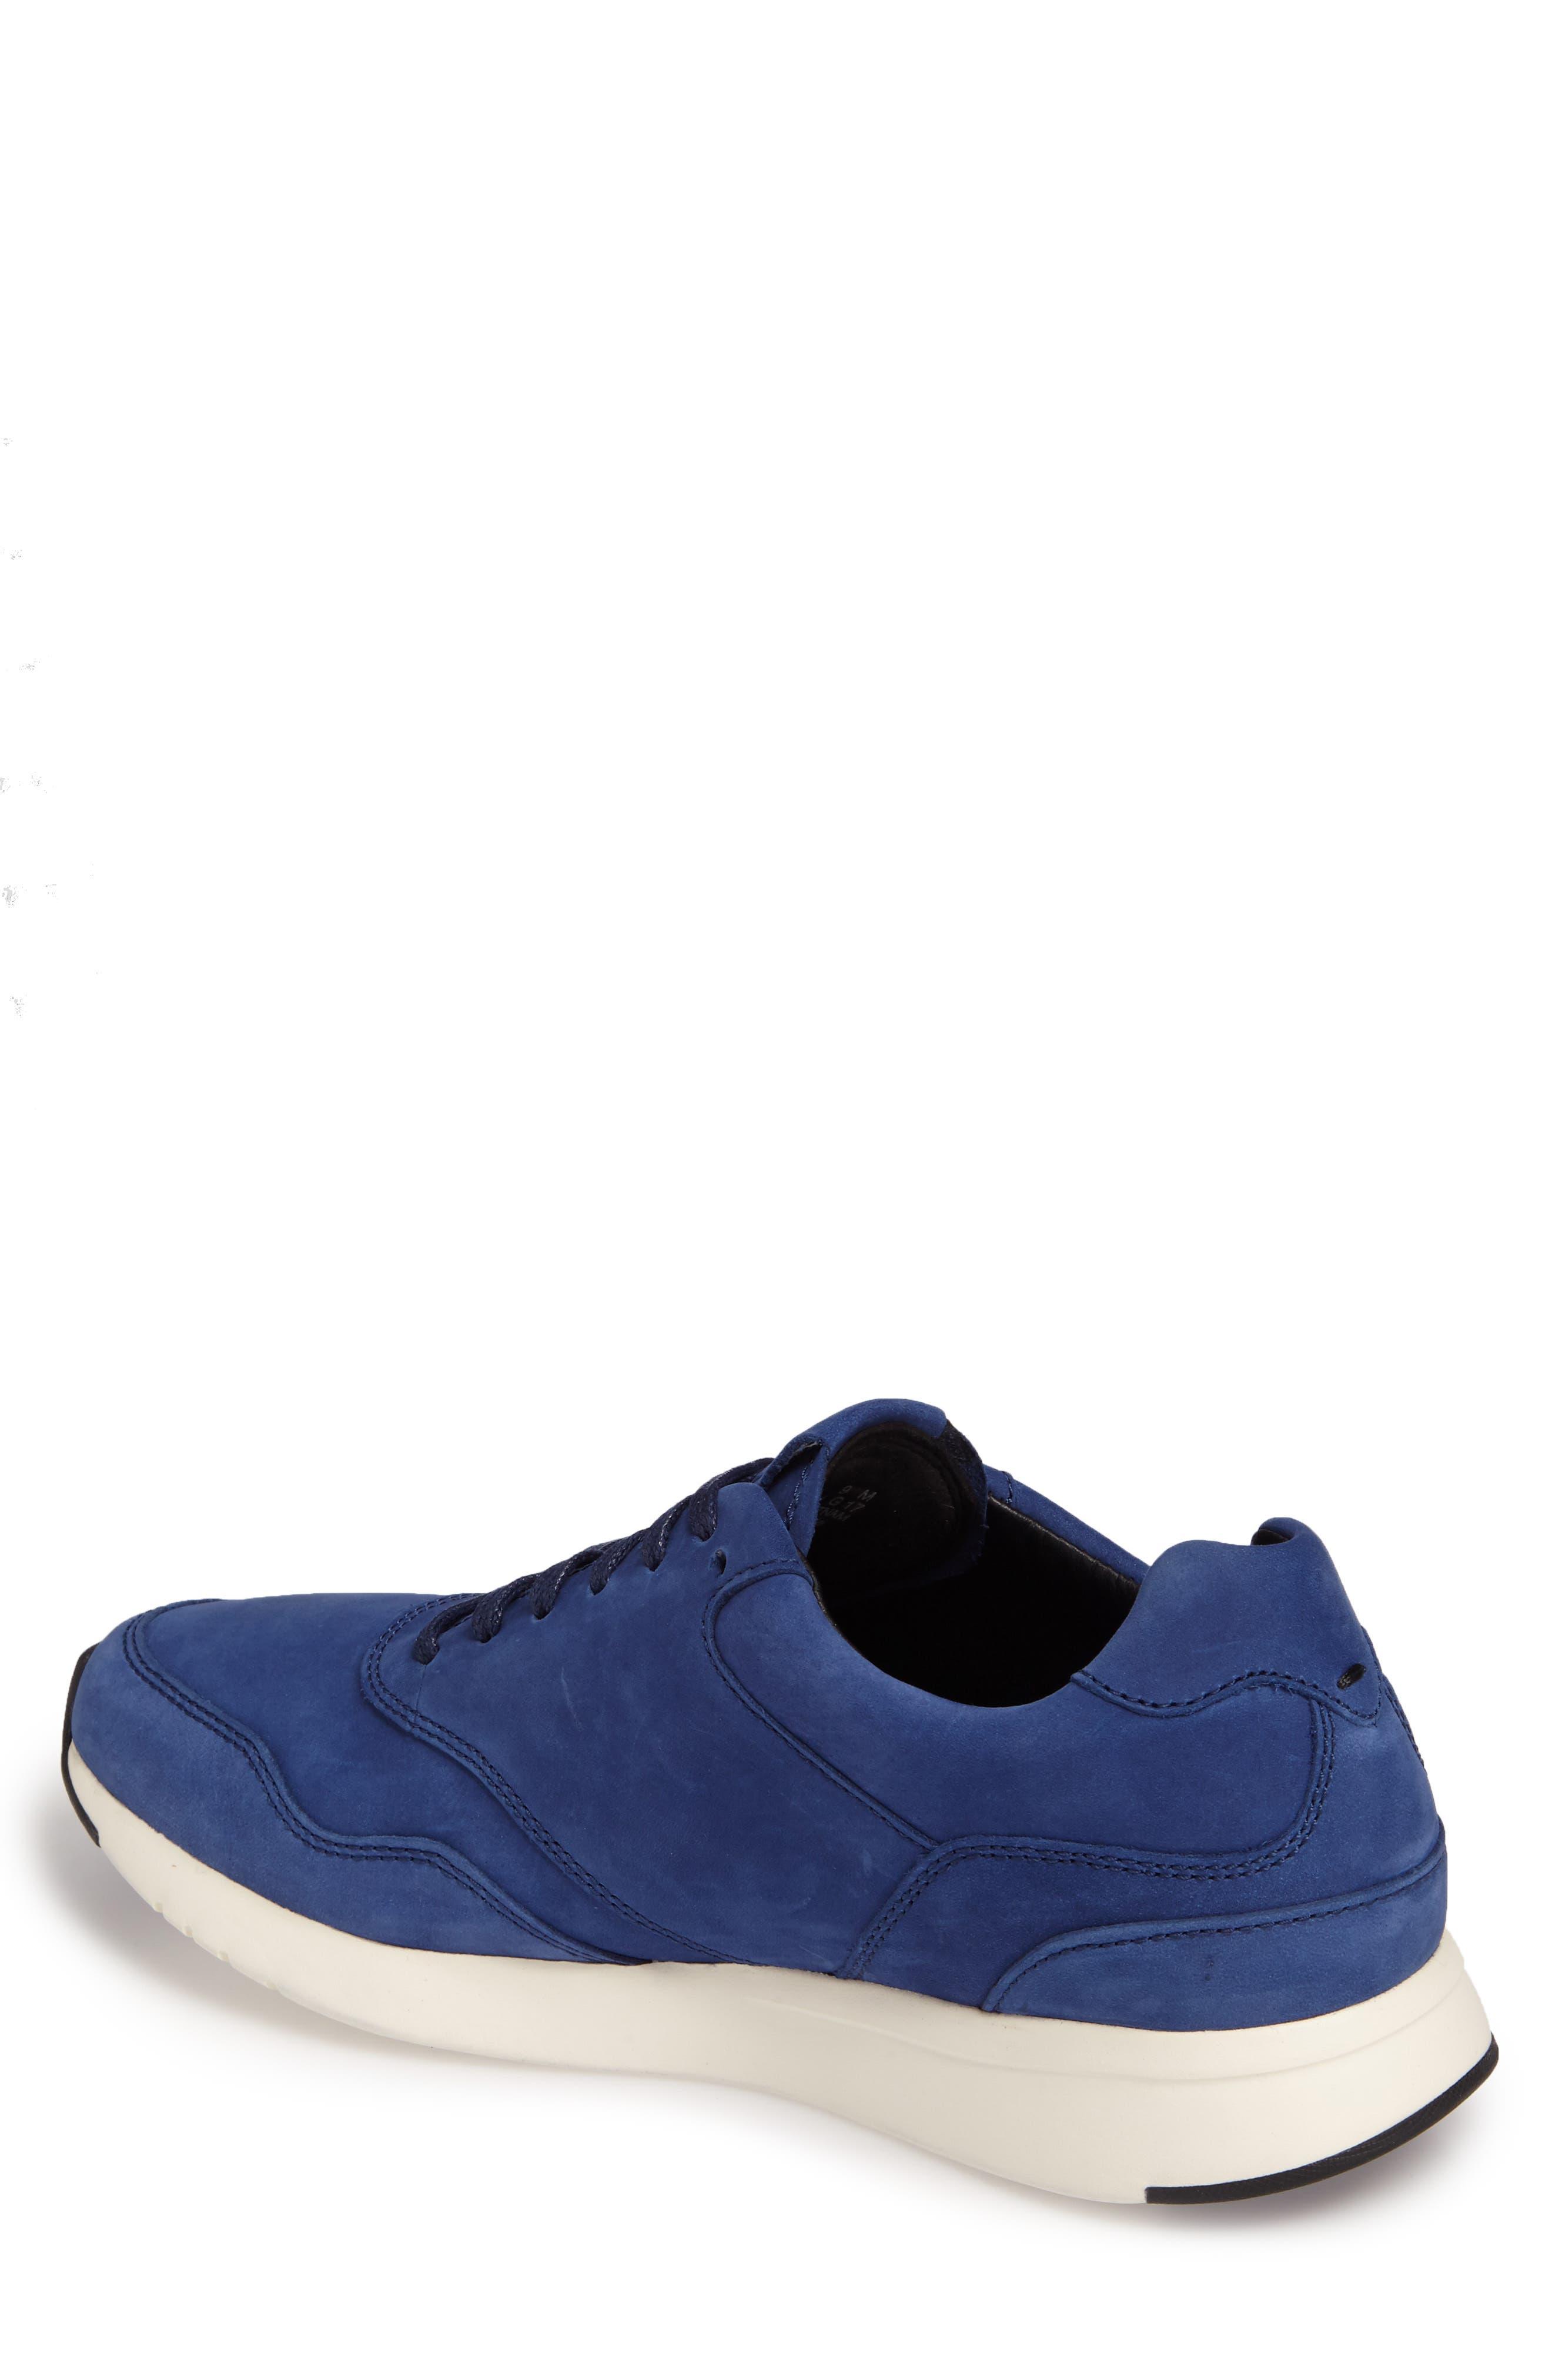 GrandPro Runner Sneaker,                             Alternate thumbnail 8, color,